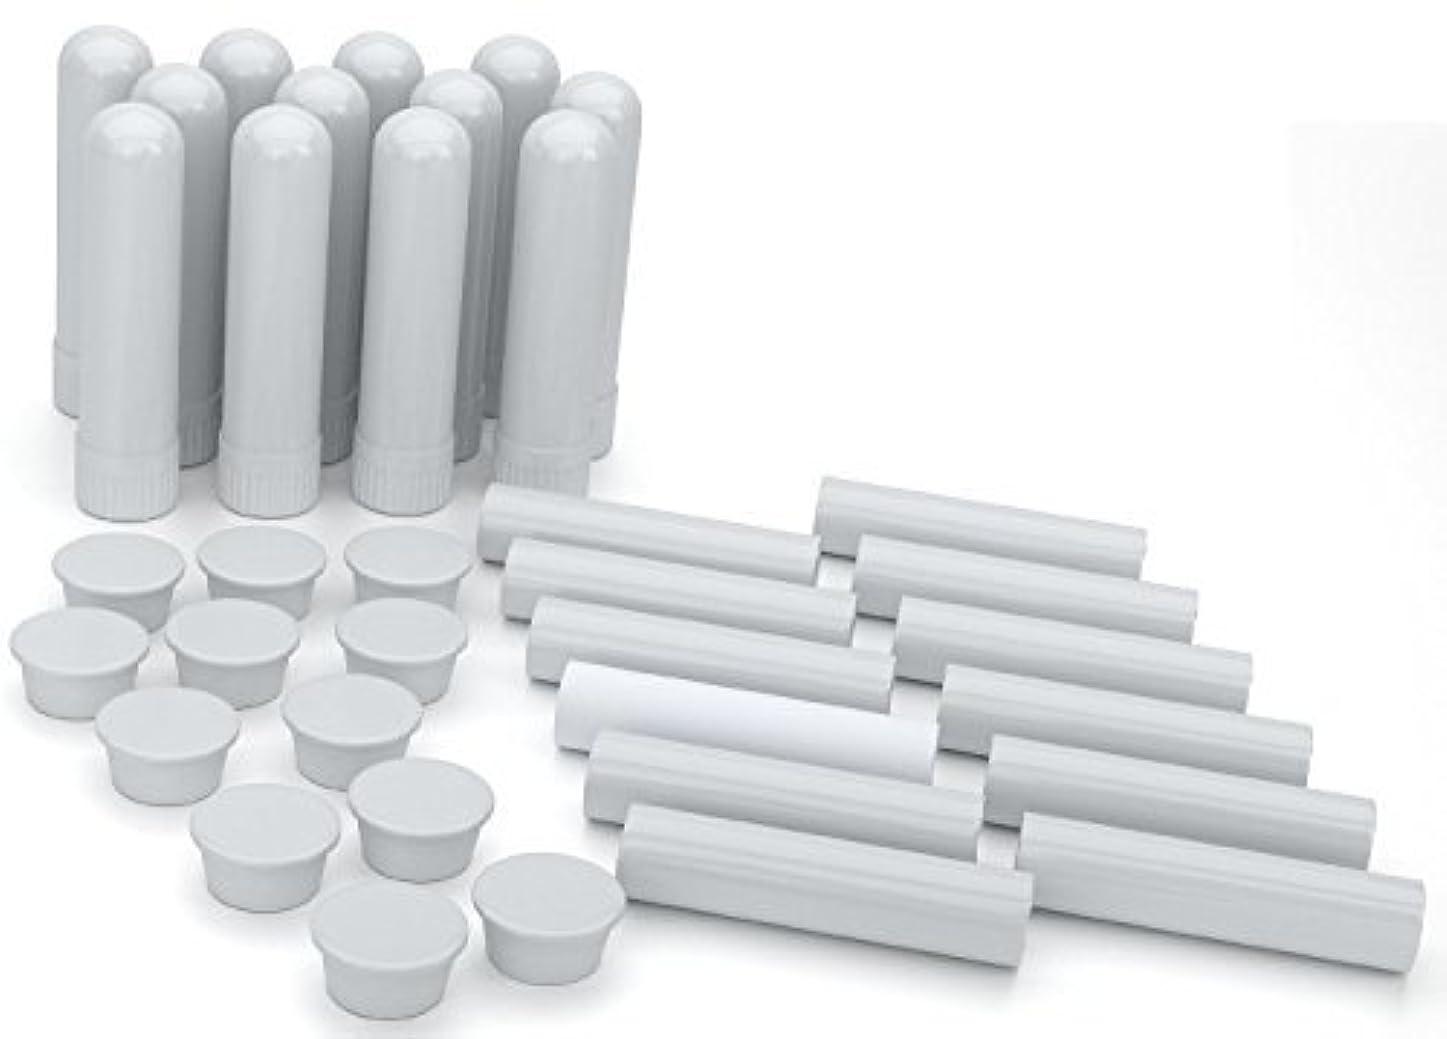 原子スラッシュ乳製品Essential Oil Aromatherapy Blank Nasal Inhaler Tubes (12 Complete Sticks), Empty White Vapor Inhalers w/Wicks for Essential Oil, Refillable [並行輸入品]